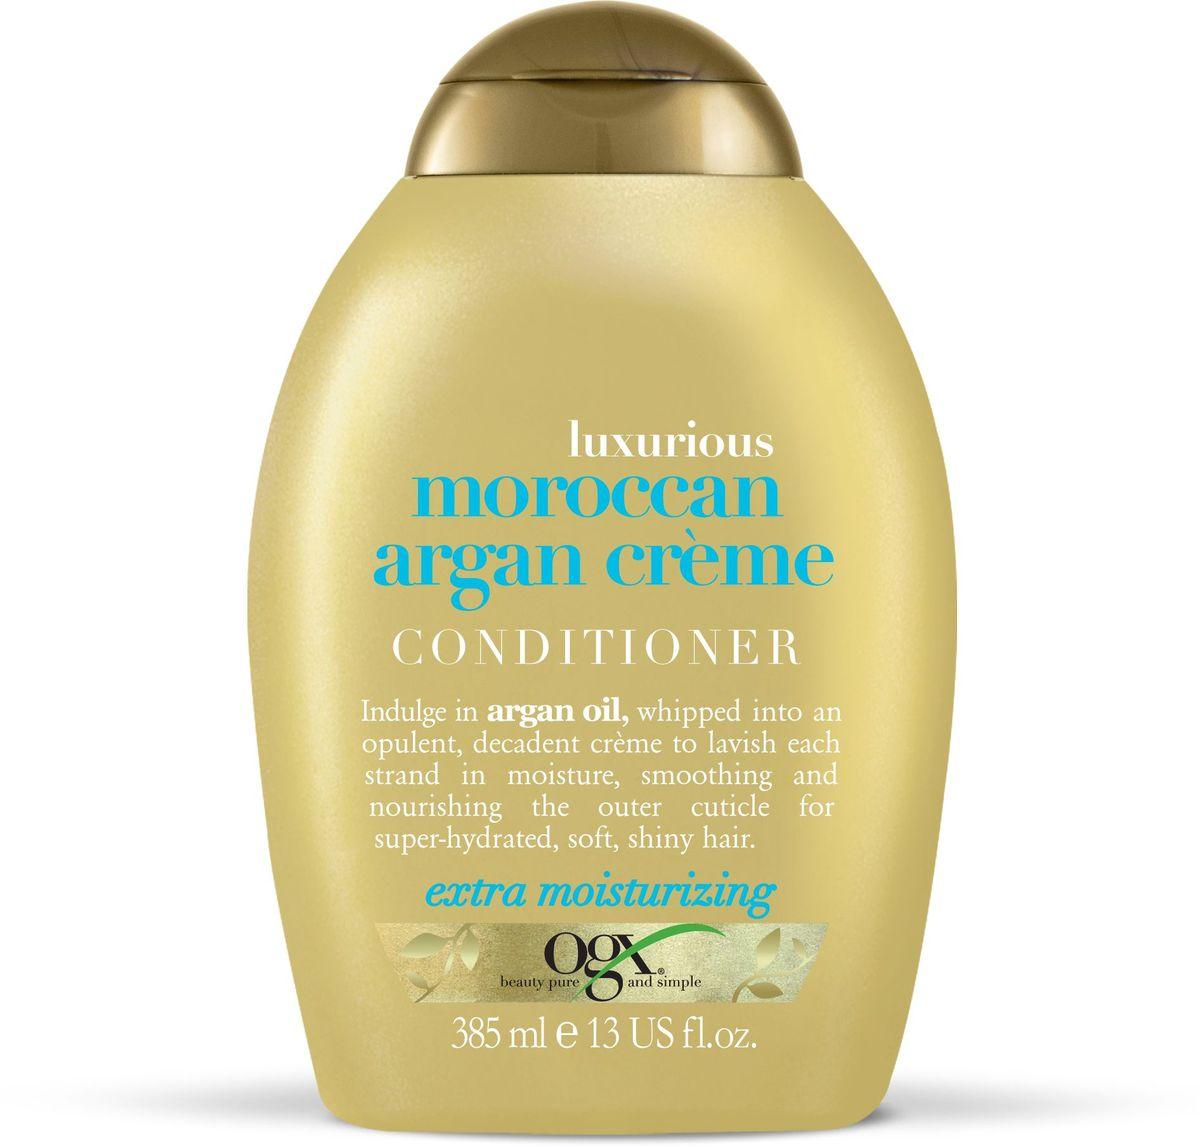 OGX Кремовый кондиционр для ухода за поврежденными волосами с Марокканским аргановым маслом, 385 мл.10769Кремовый Кондиционер с Марокканским Арганом идеально подходит для сухих, поврежденных волос. Увлажняющий аргановый крем разглаживает кутикулу волоса, питая пряди и запаивая секущиеся кончики.